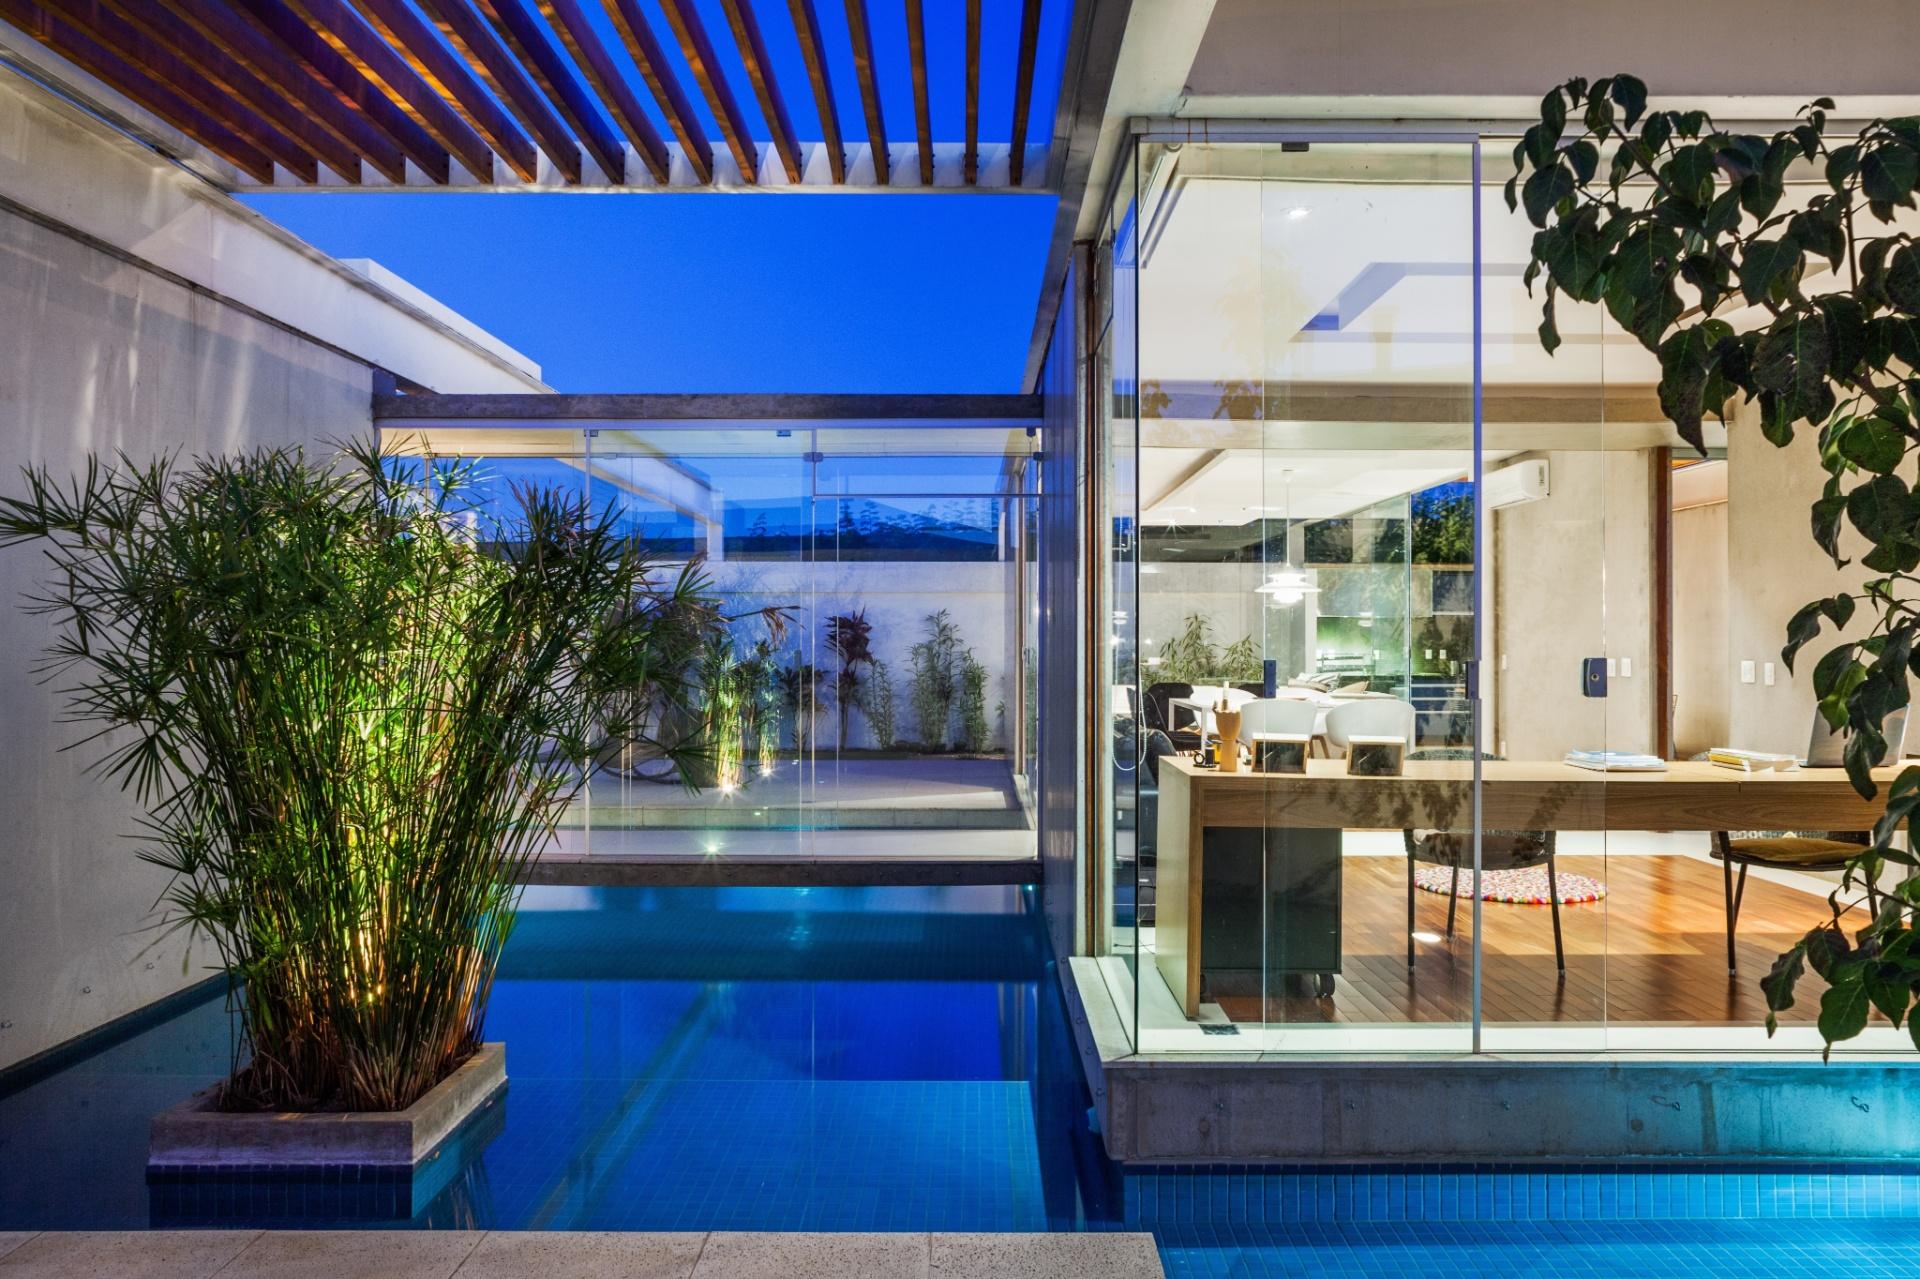 Nada melhor do que trabalhar com a sensação de frescor trazida pela piscina, que também funciona como espelho d'água, na Casa das Pérgolas, projetada pelo escritório FGMF Arquitetos. O paisagismo da residência em Bauru (SP) é assinado pelo Studio Ilex